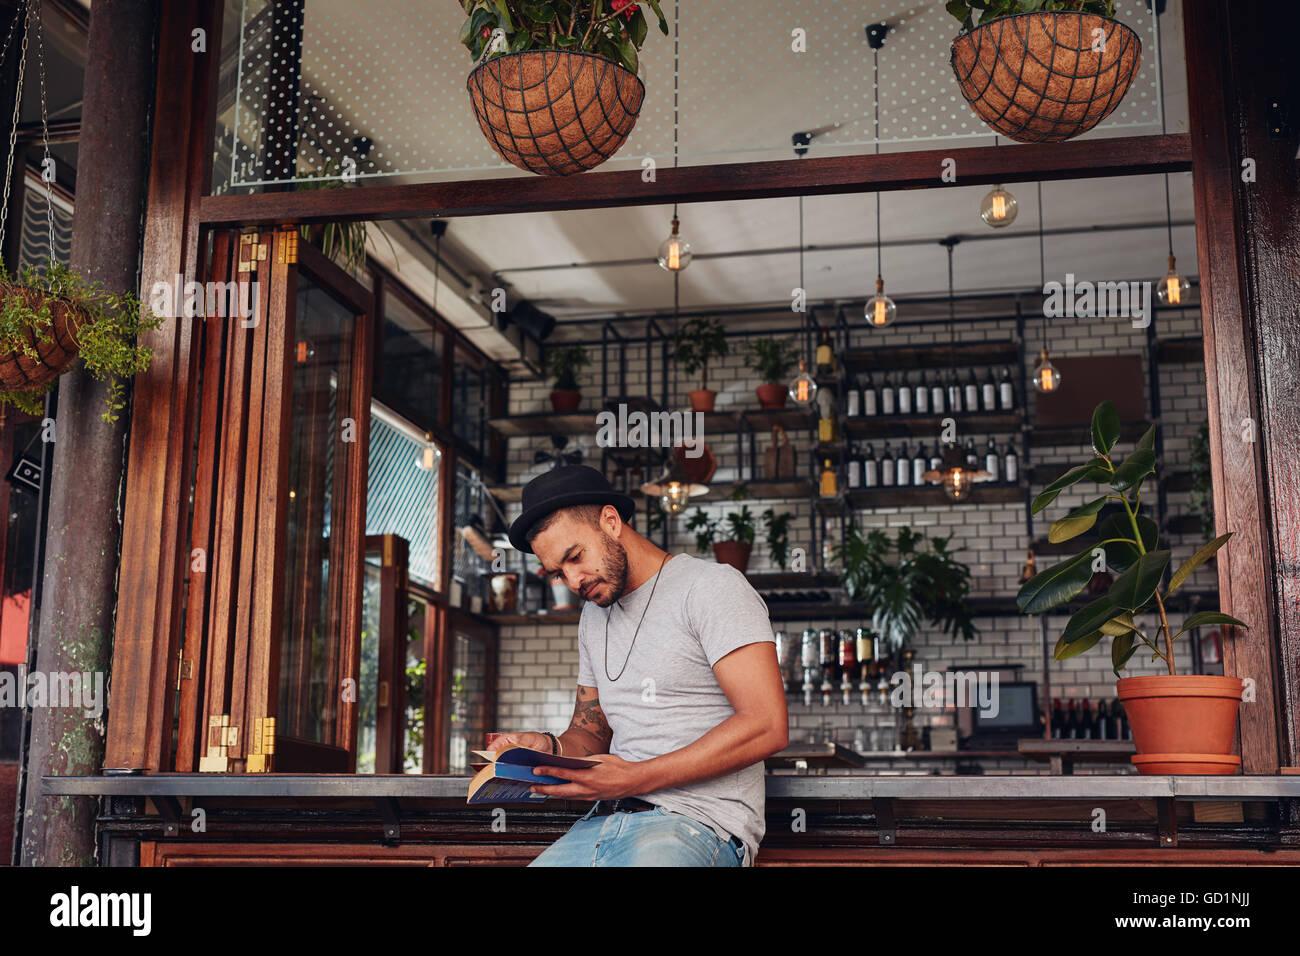 Retrato de relajado joven sentado en un café leyendo un libro de contador. Elegante joven leyendo novela mientras Imagen De Stock